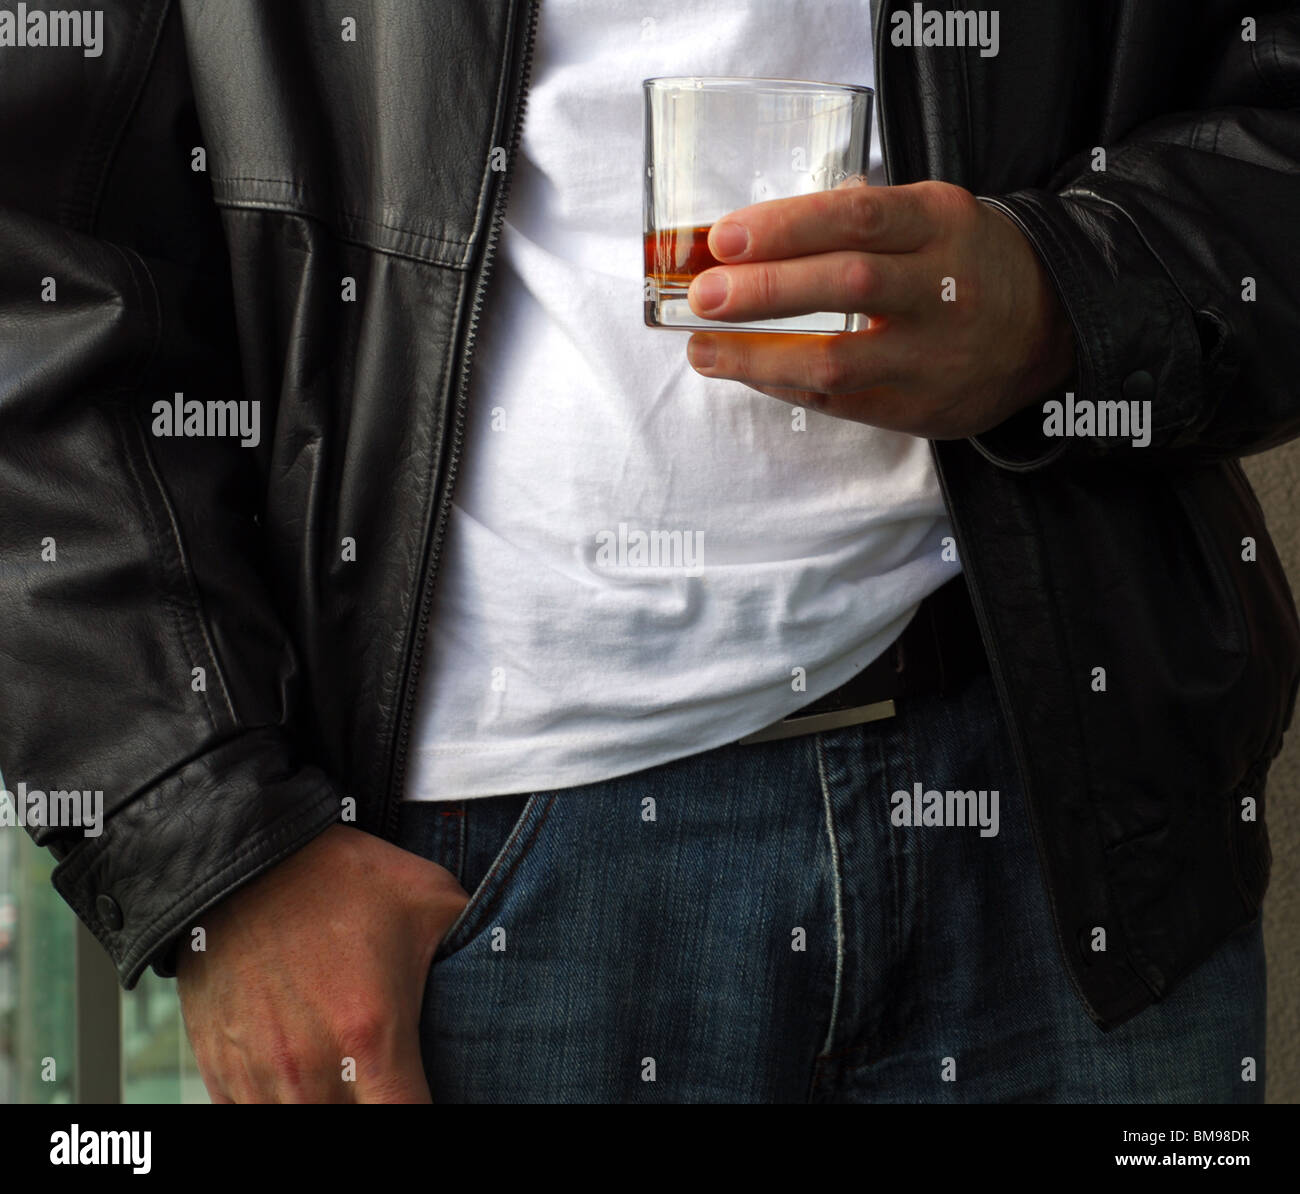 Man holding whiskey extremely close - Stock Image